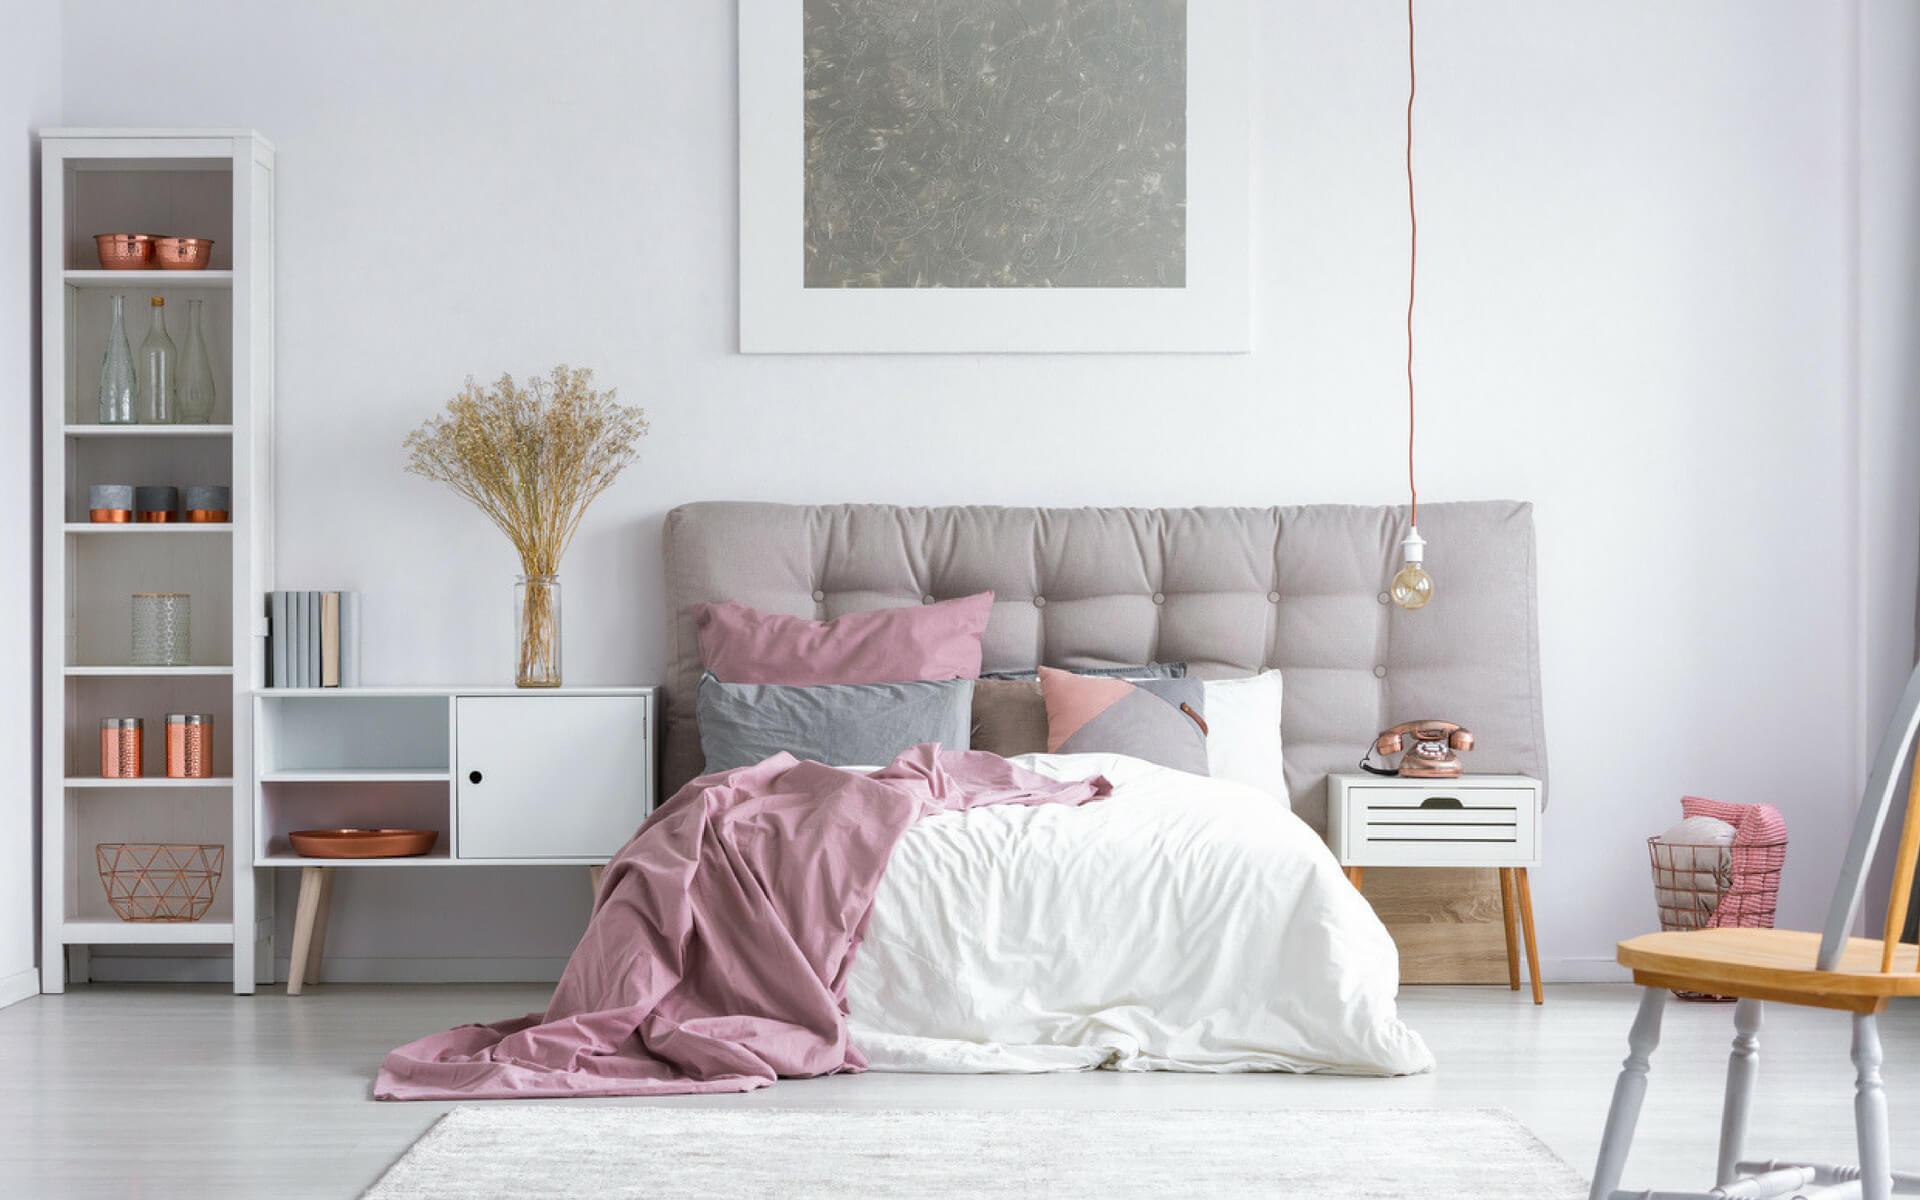 Il rame è un metallo perfetto per arredare casa con stile ed eleganza